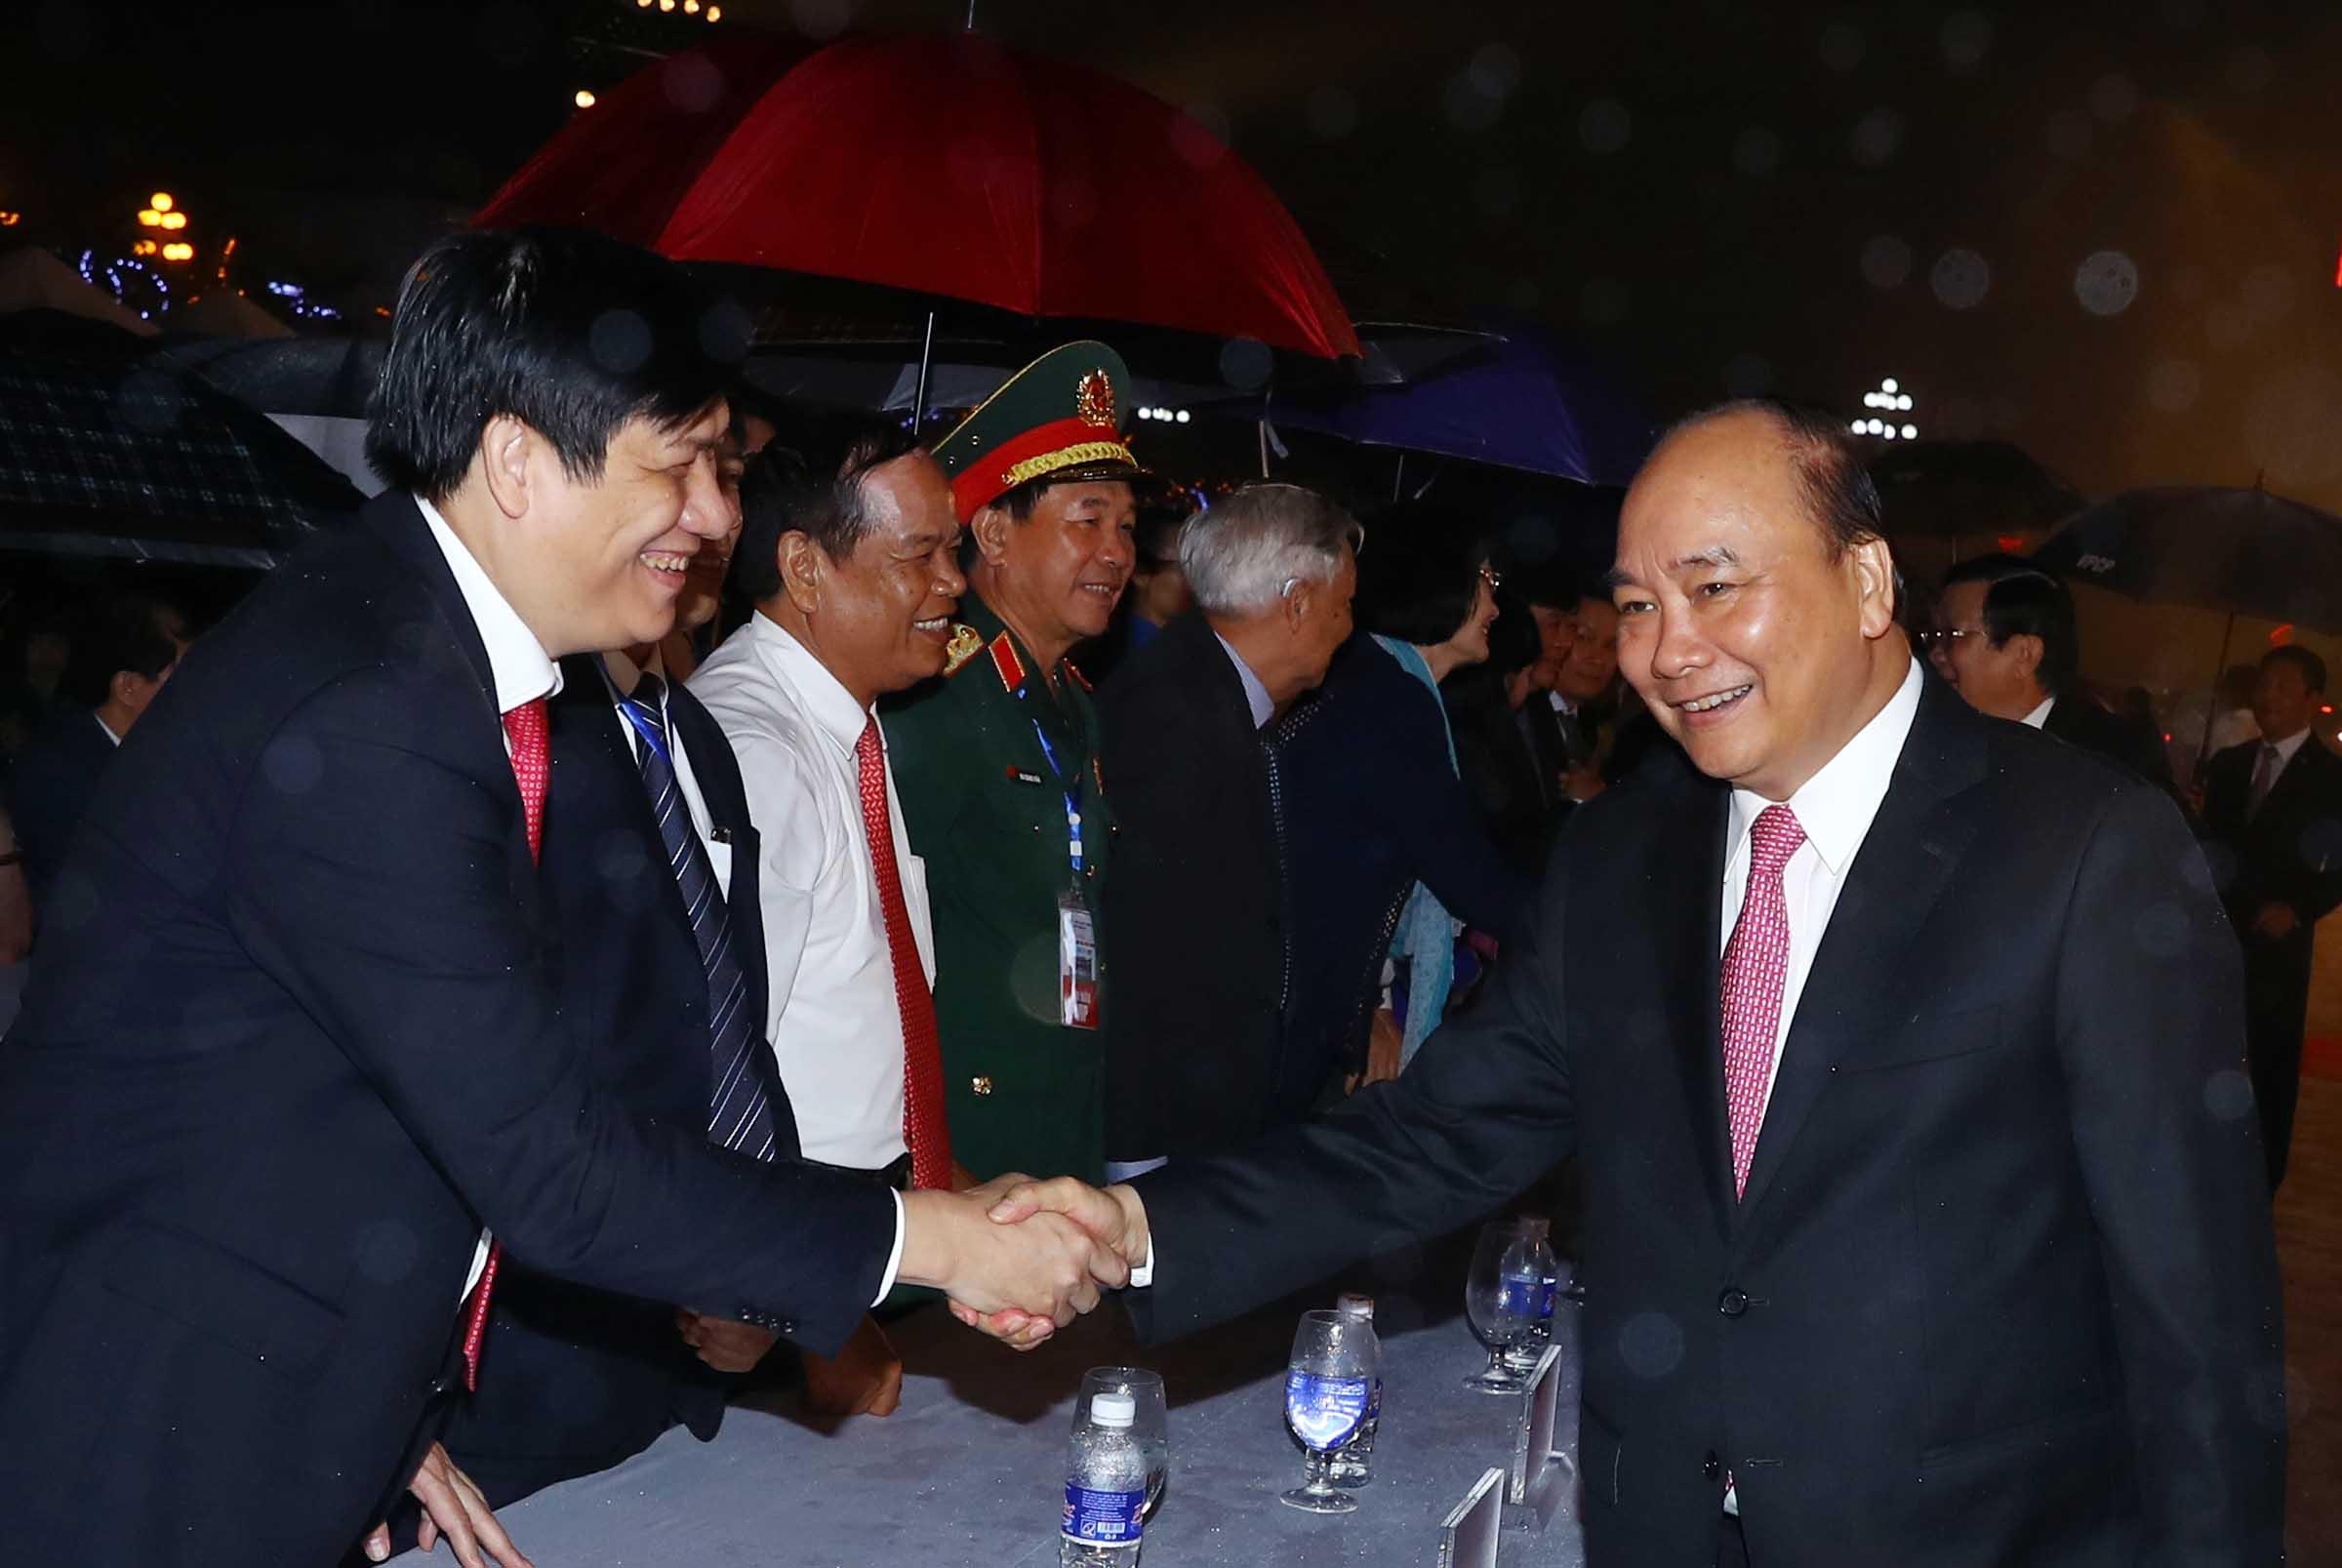 Thủ tướng Nguyễn Xuân Phúc thăm hỏi các đại biểu tham dự lễ kỷ niệm. Ảnh: VGP